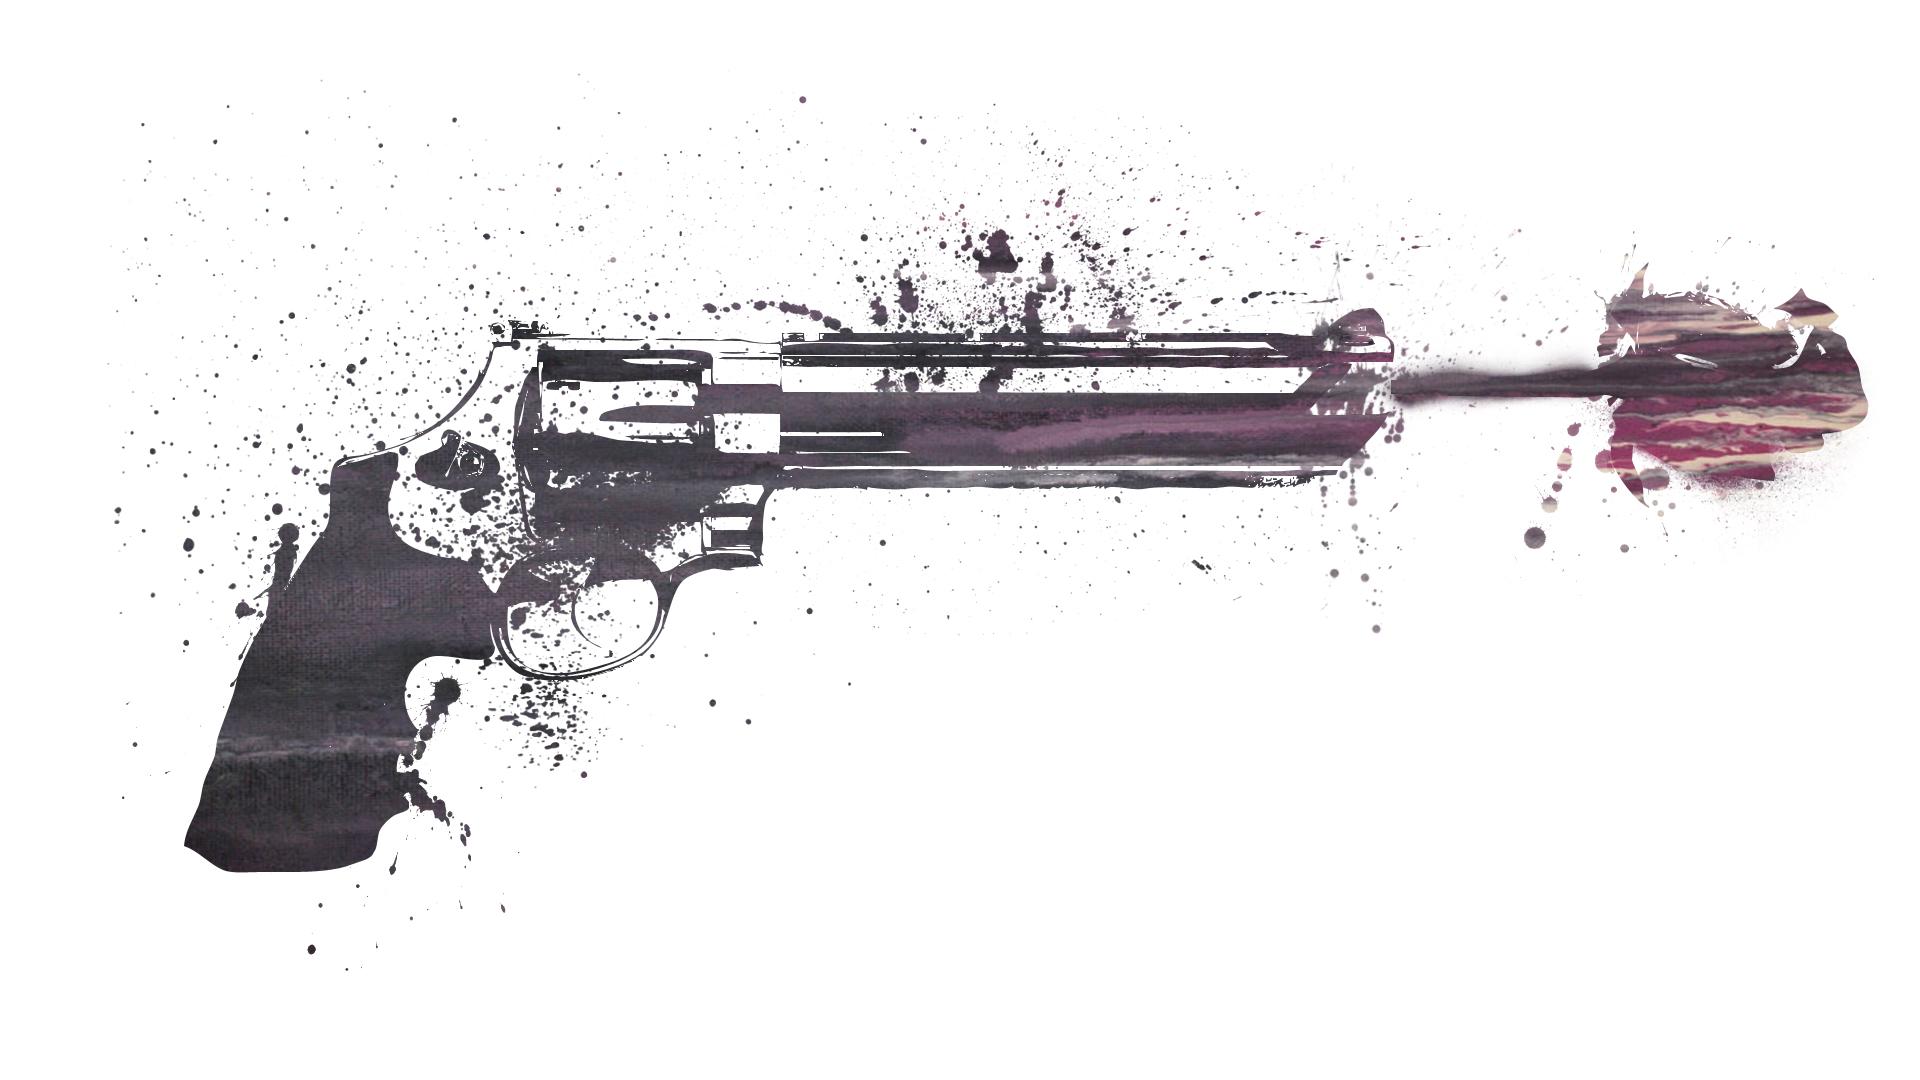 Cowboy shooting guns